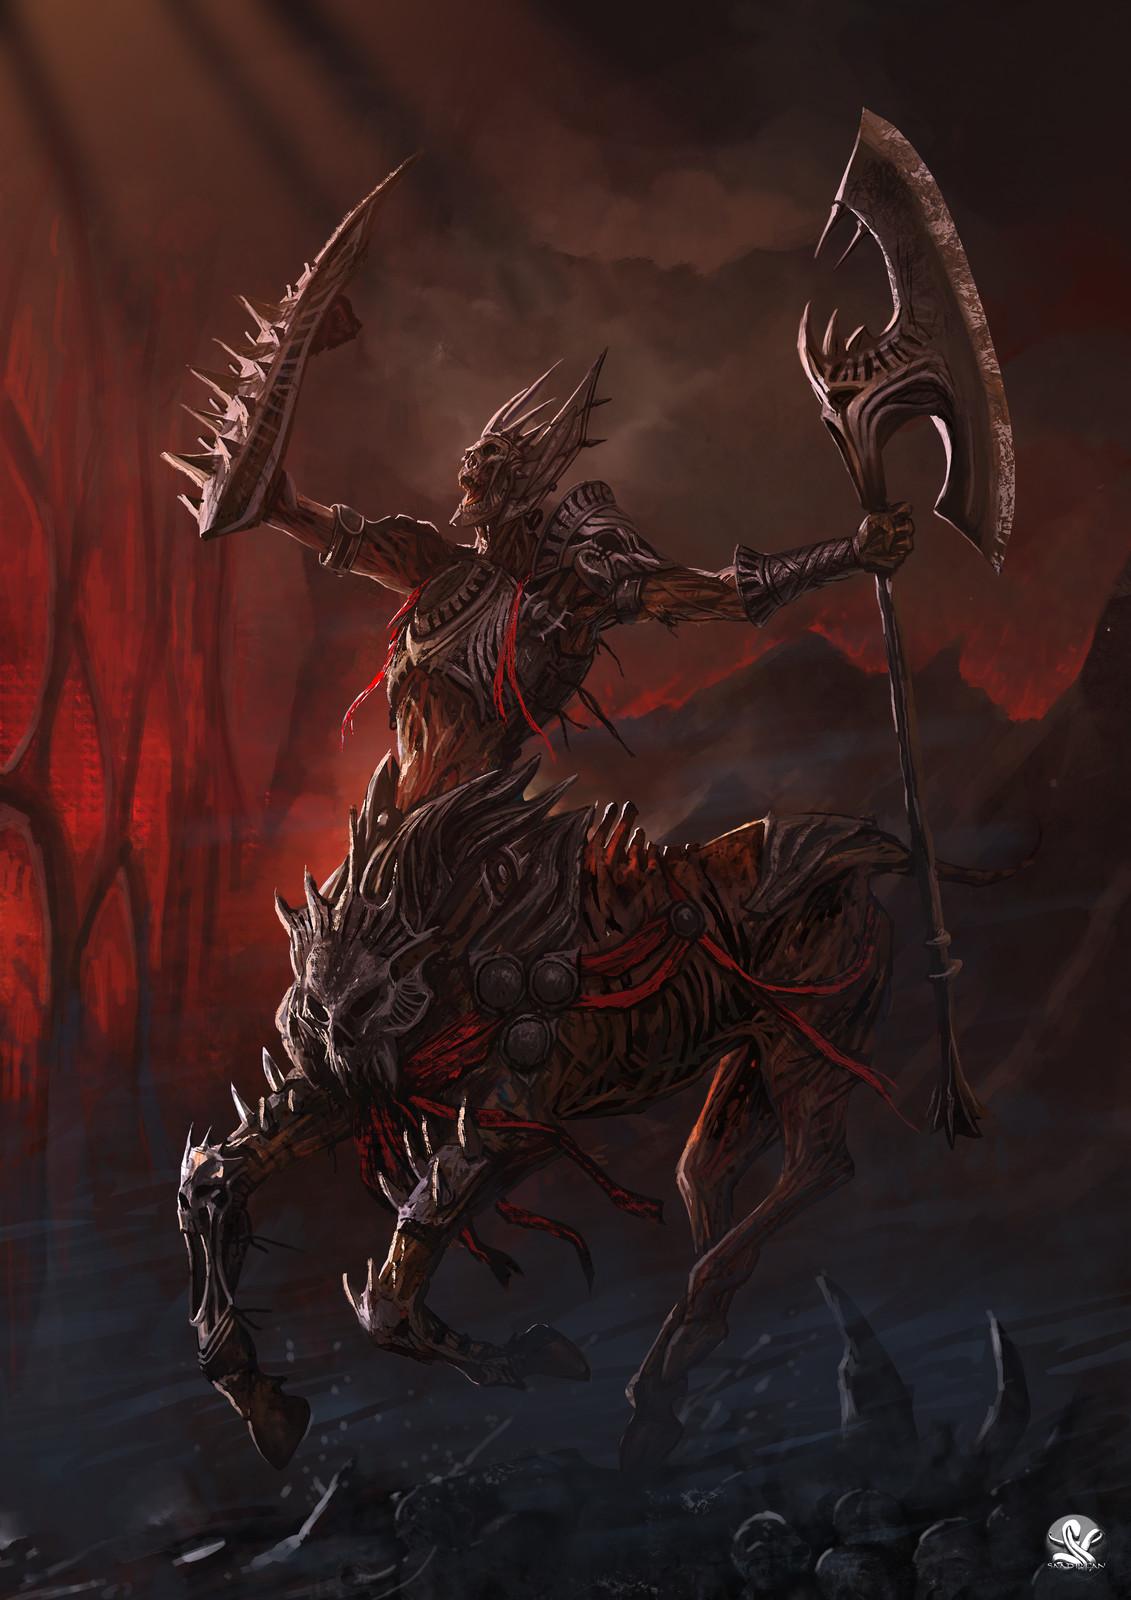 Undead Centaur